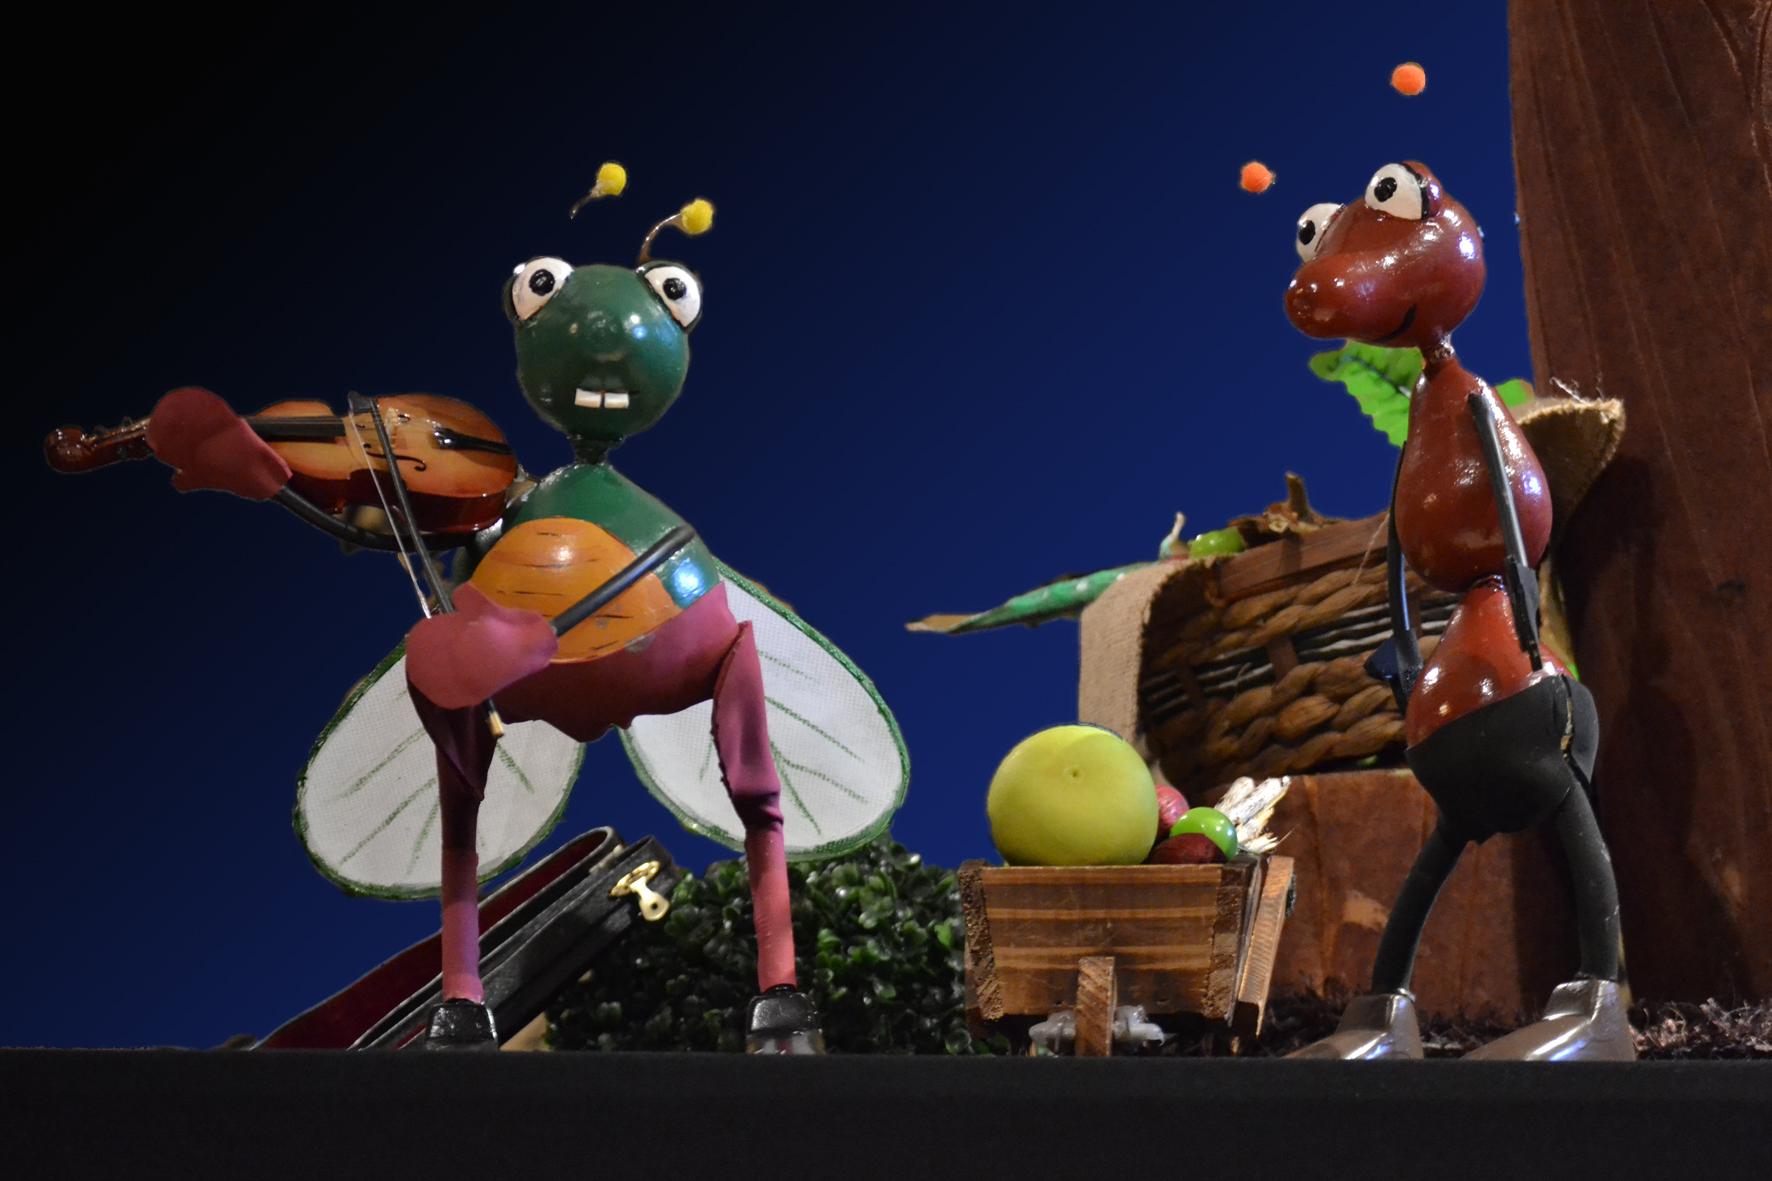 Teatro 'La cigarra y la hormiga' en Teatro San Francisco (León)